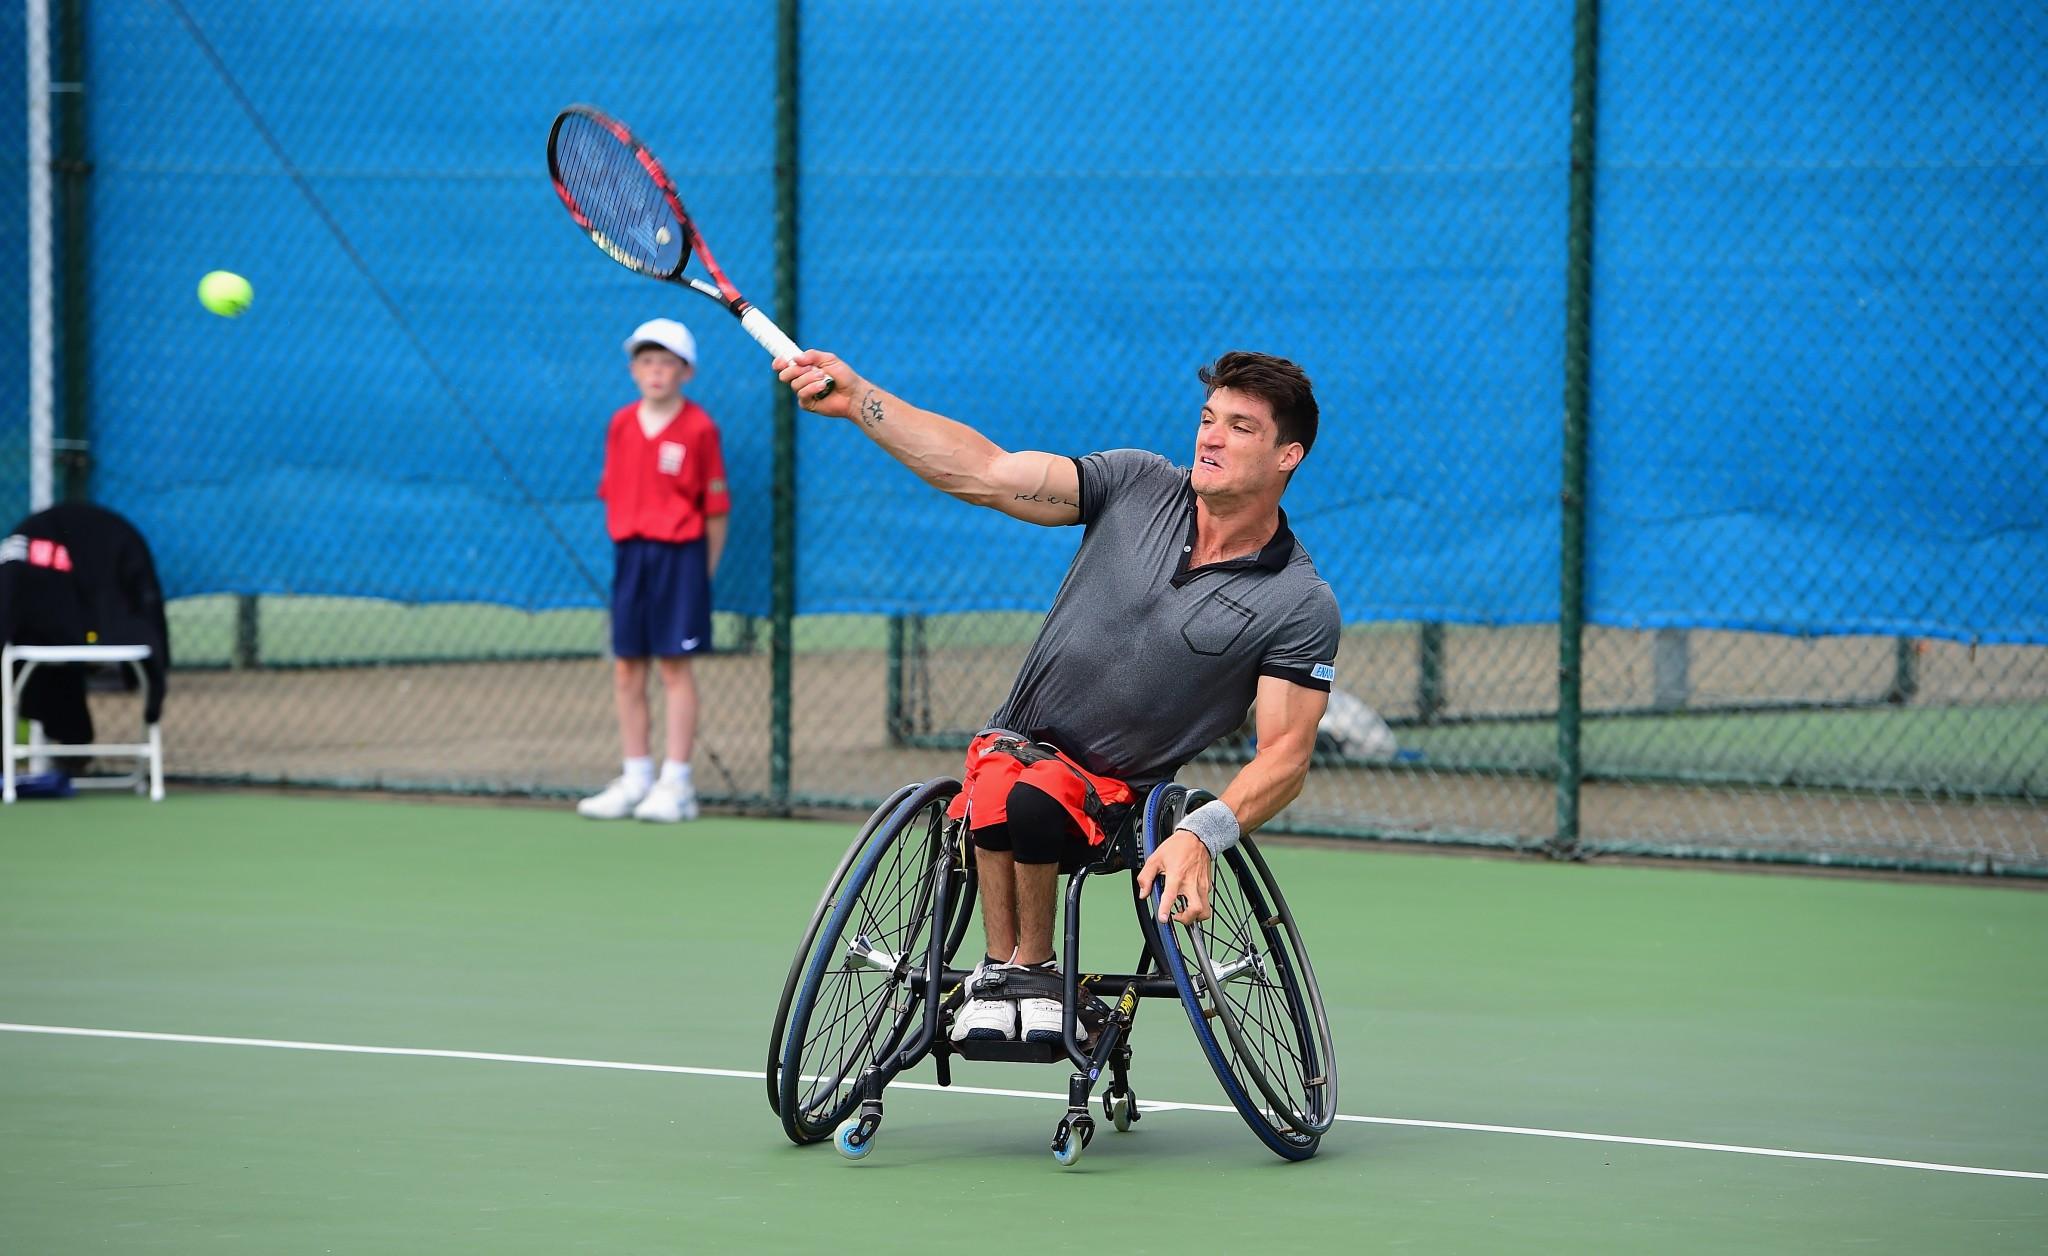 Fernandez defeats Hewett to claim British Open Wheelchair Tennis Championships title